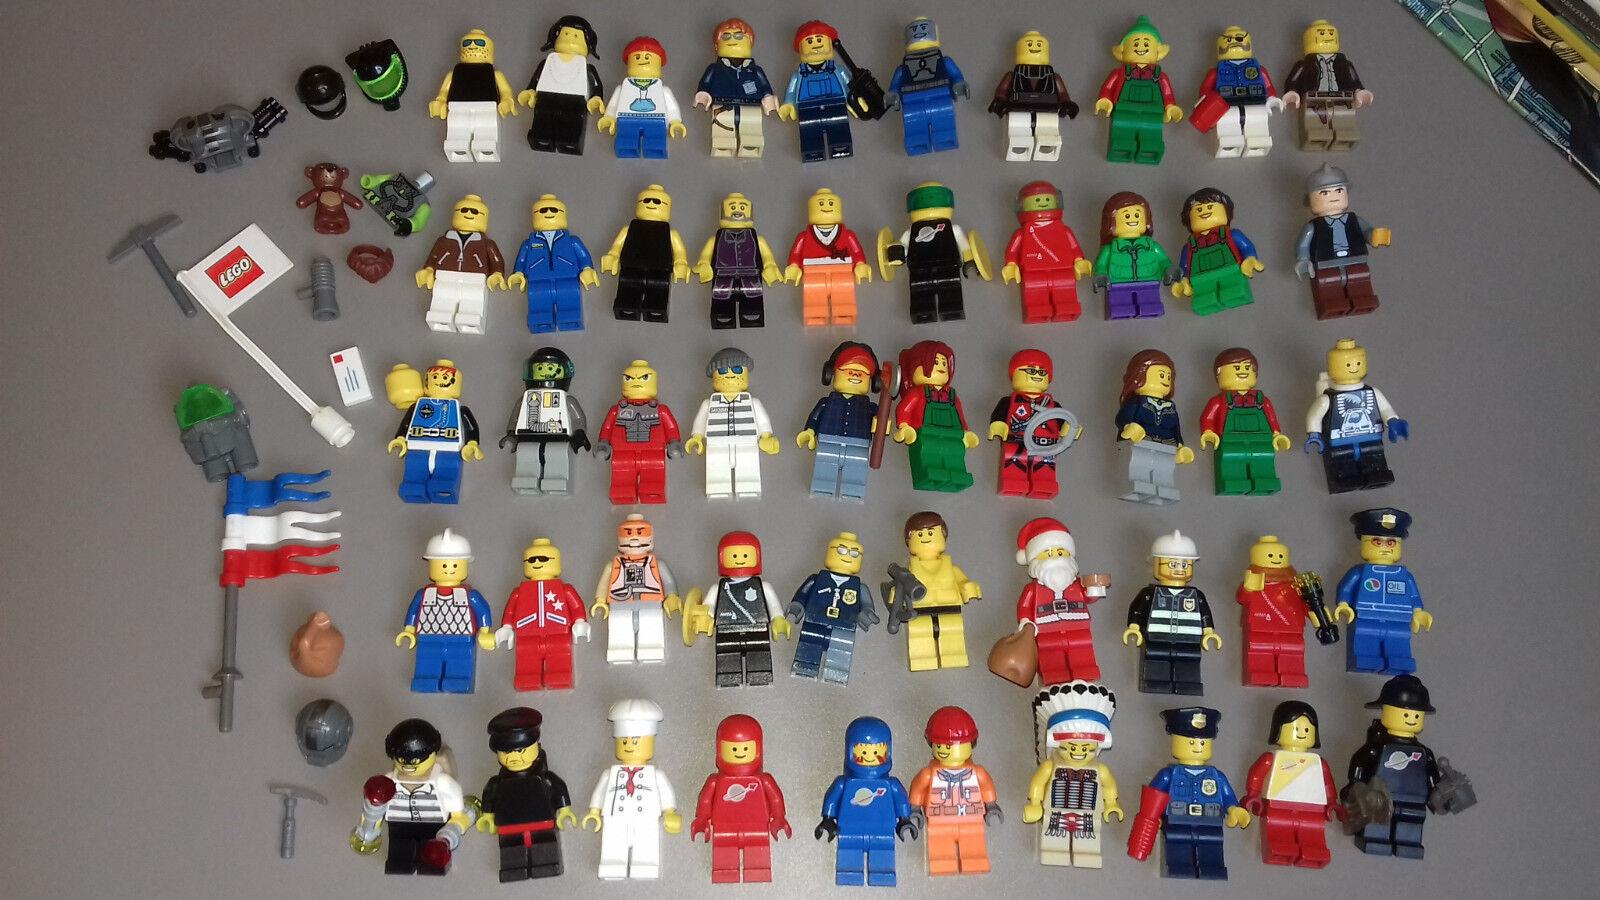 LEGO CITY  - lot de 50 minifig originales - 100 % LEGO - no fake